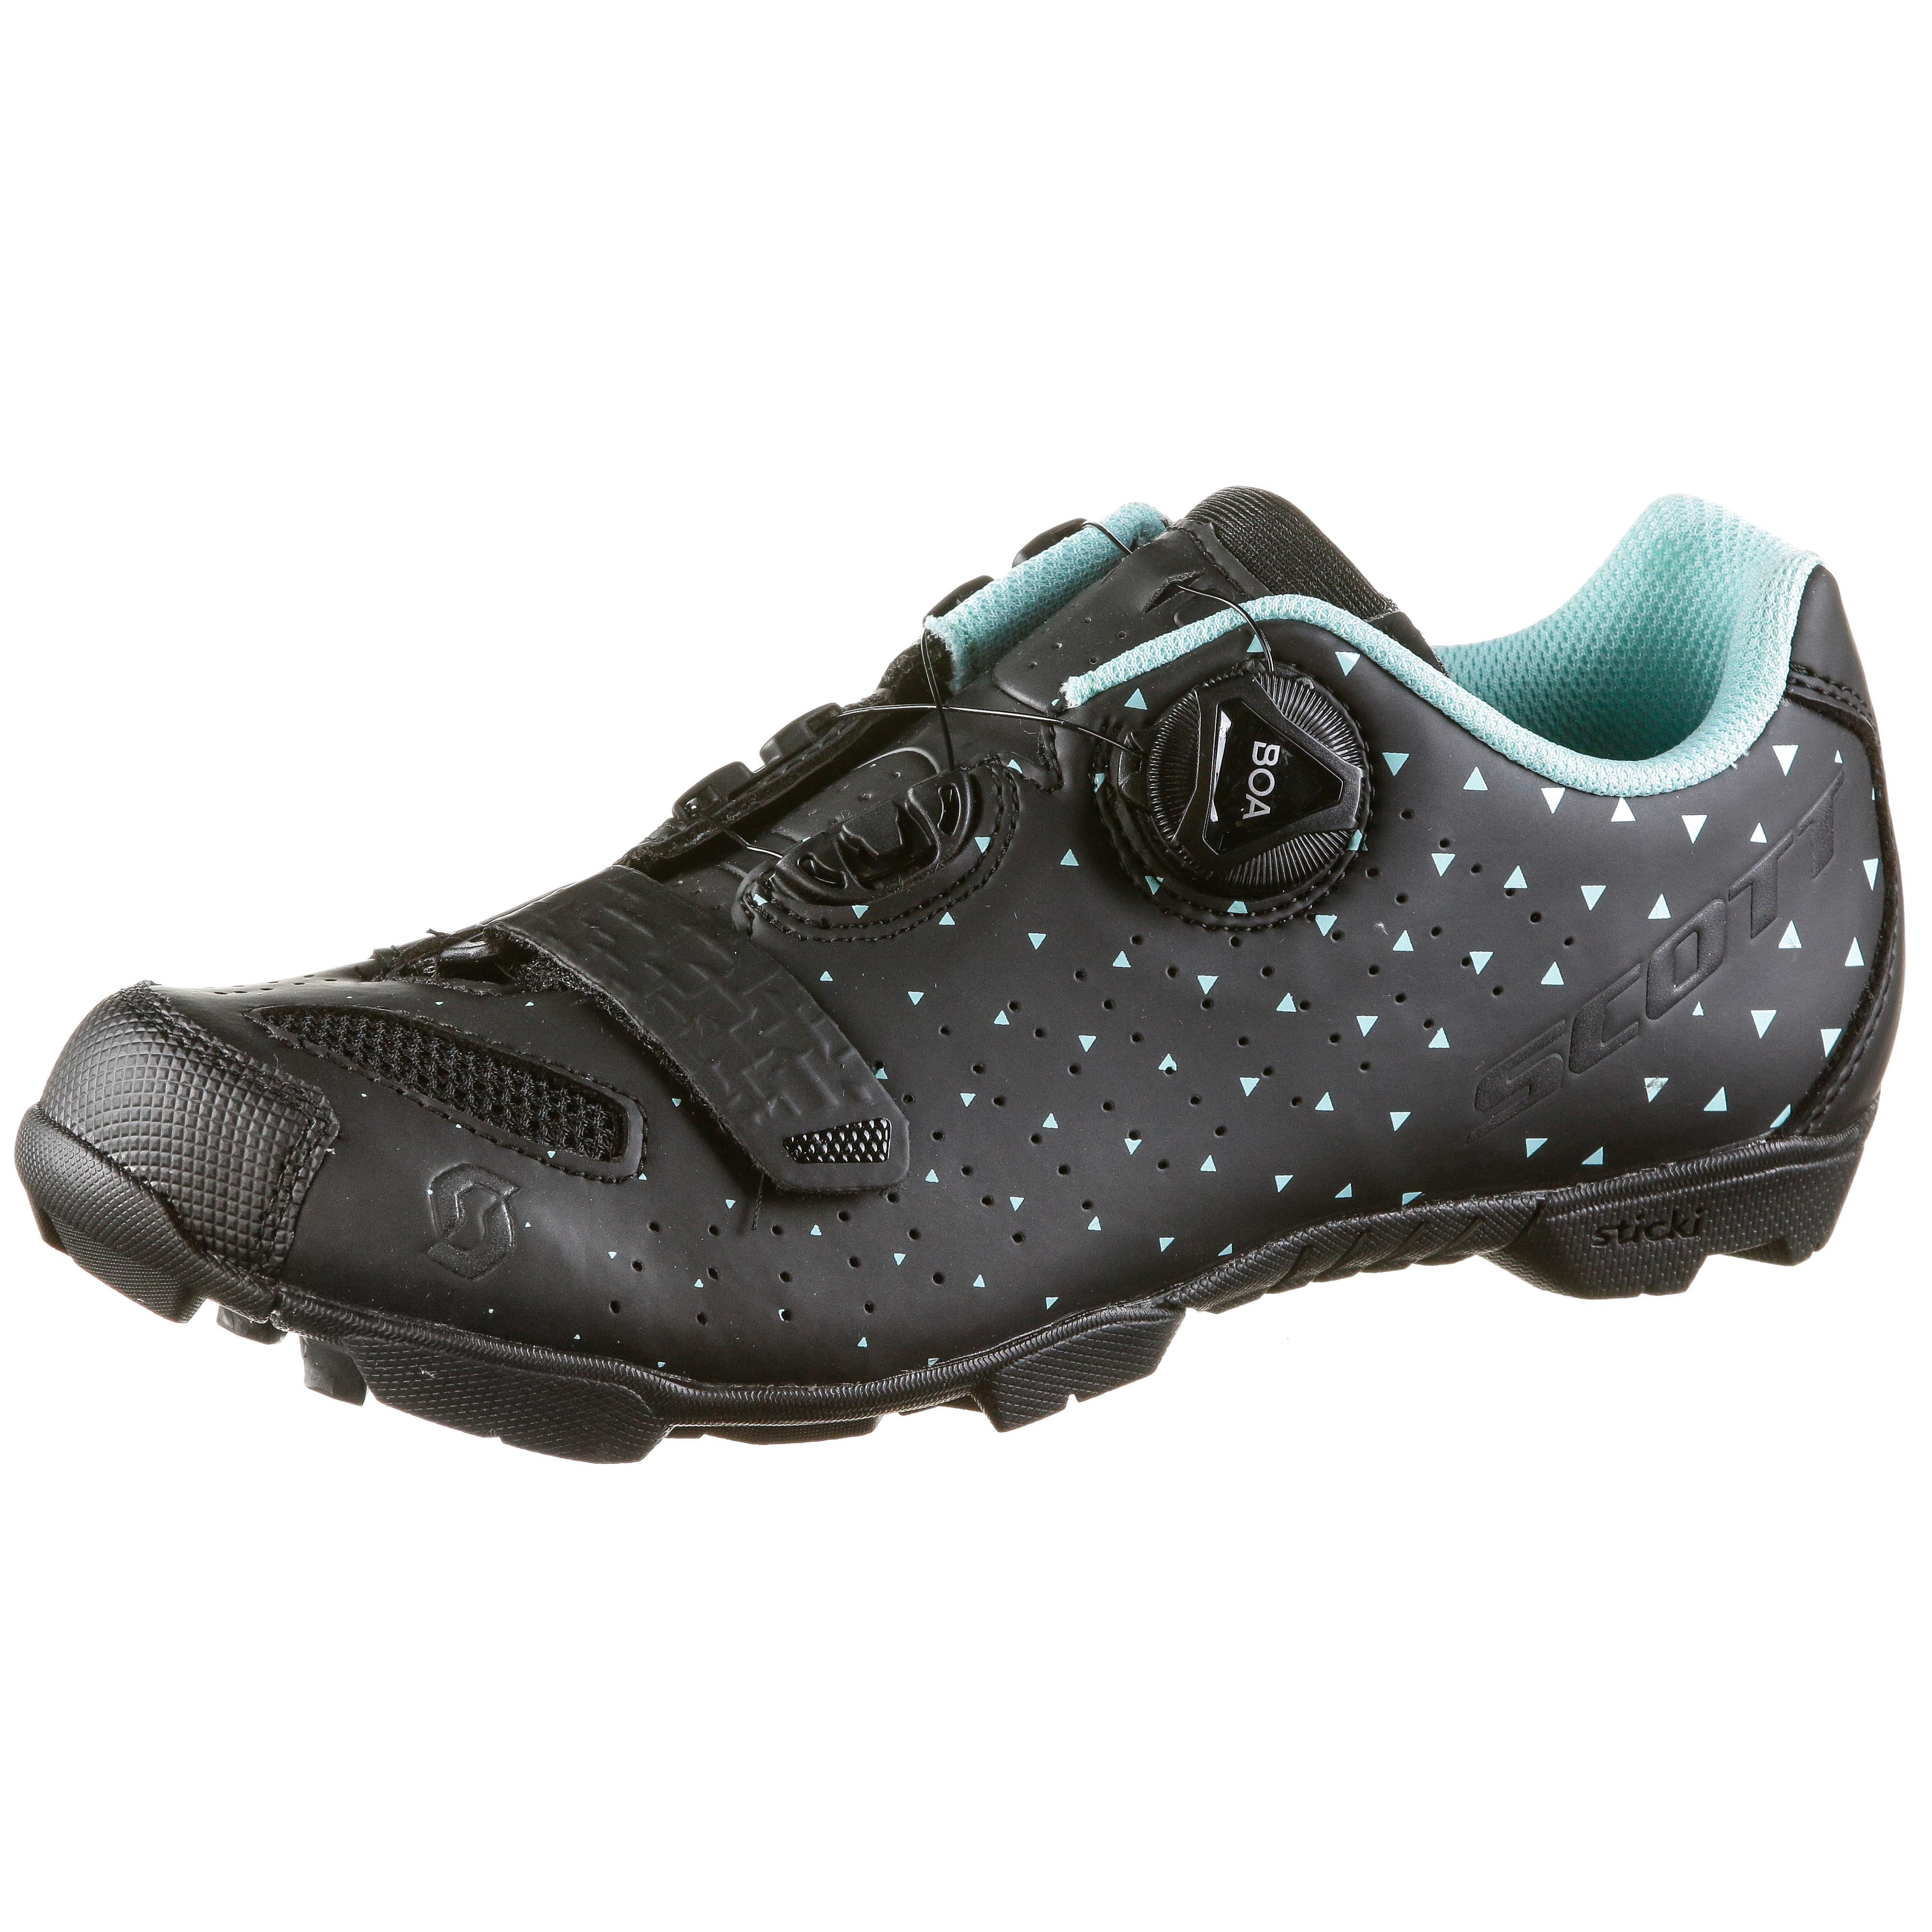 SCOTT Comp Boa Fahrradschuhe Damen matt schwarz-turquoise Blau im Online Shop von SportScheck kaufen Gute Qualität beliebte Schuhe